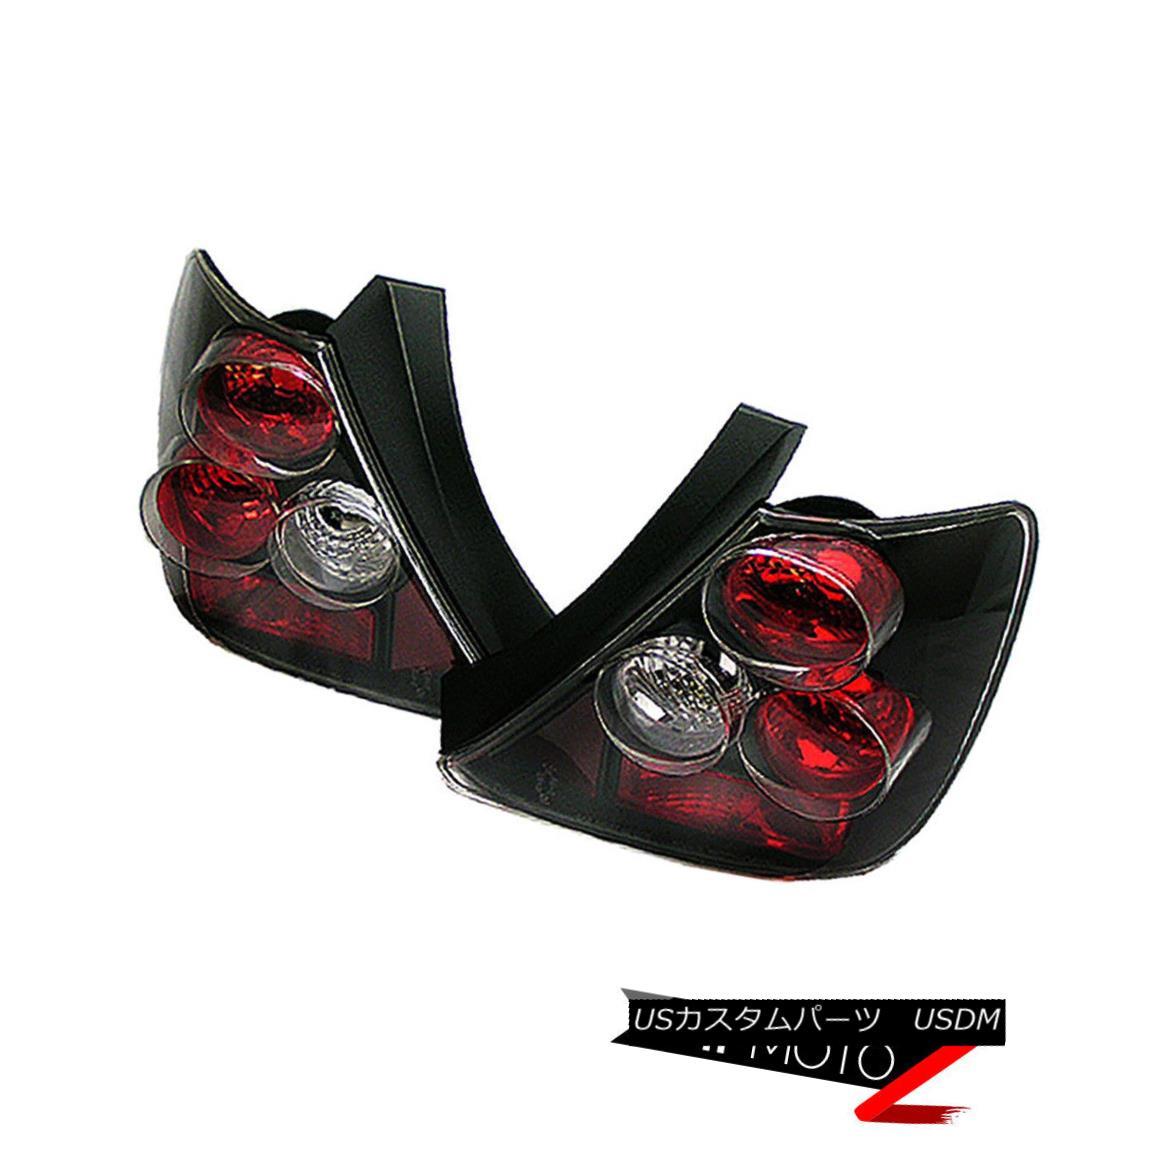 テールライト 02-03 Honda Civic 3DR EP3 Si VTEC K20 Hatchback JDM Black Tail Lights Brake Lamp 02-03ホンダシビック3DR EP3 Si VTEC K20ハッチバックJDMブラックテールライトブレーキランプ